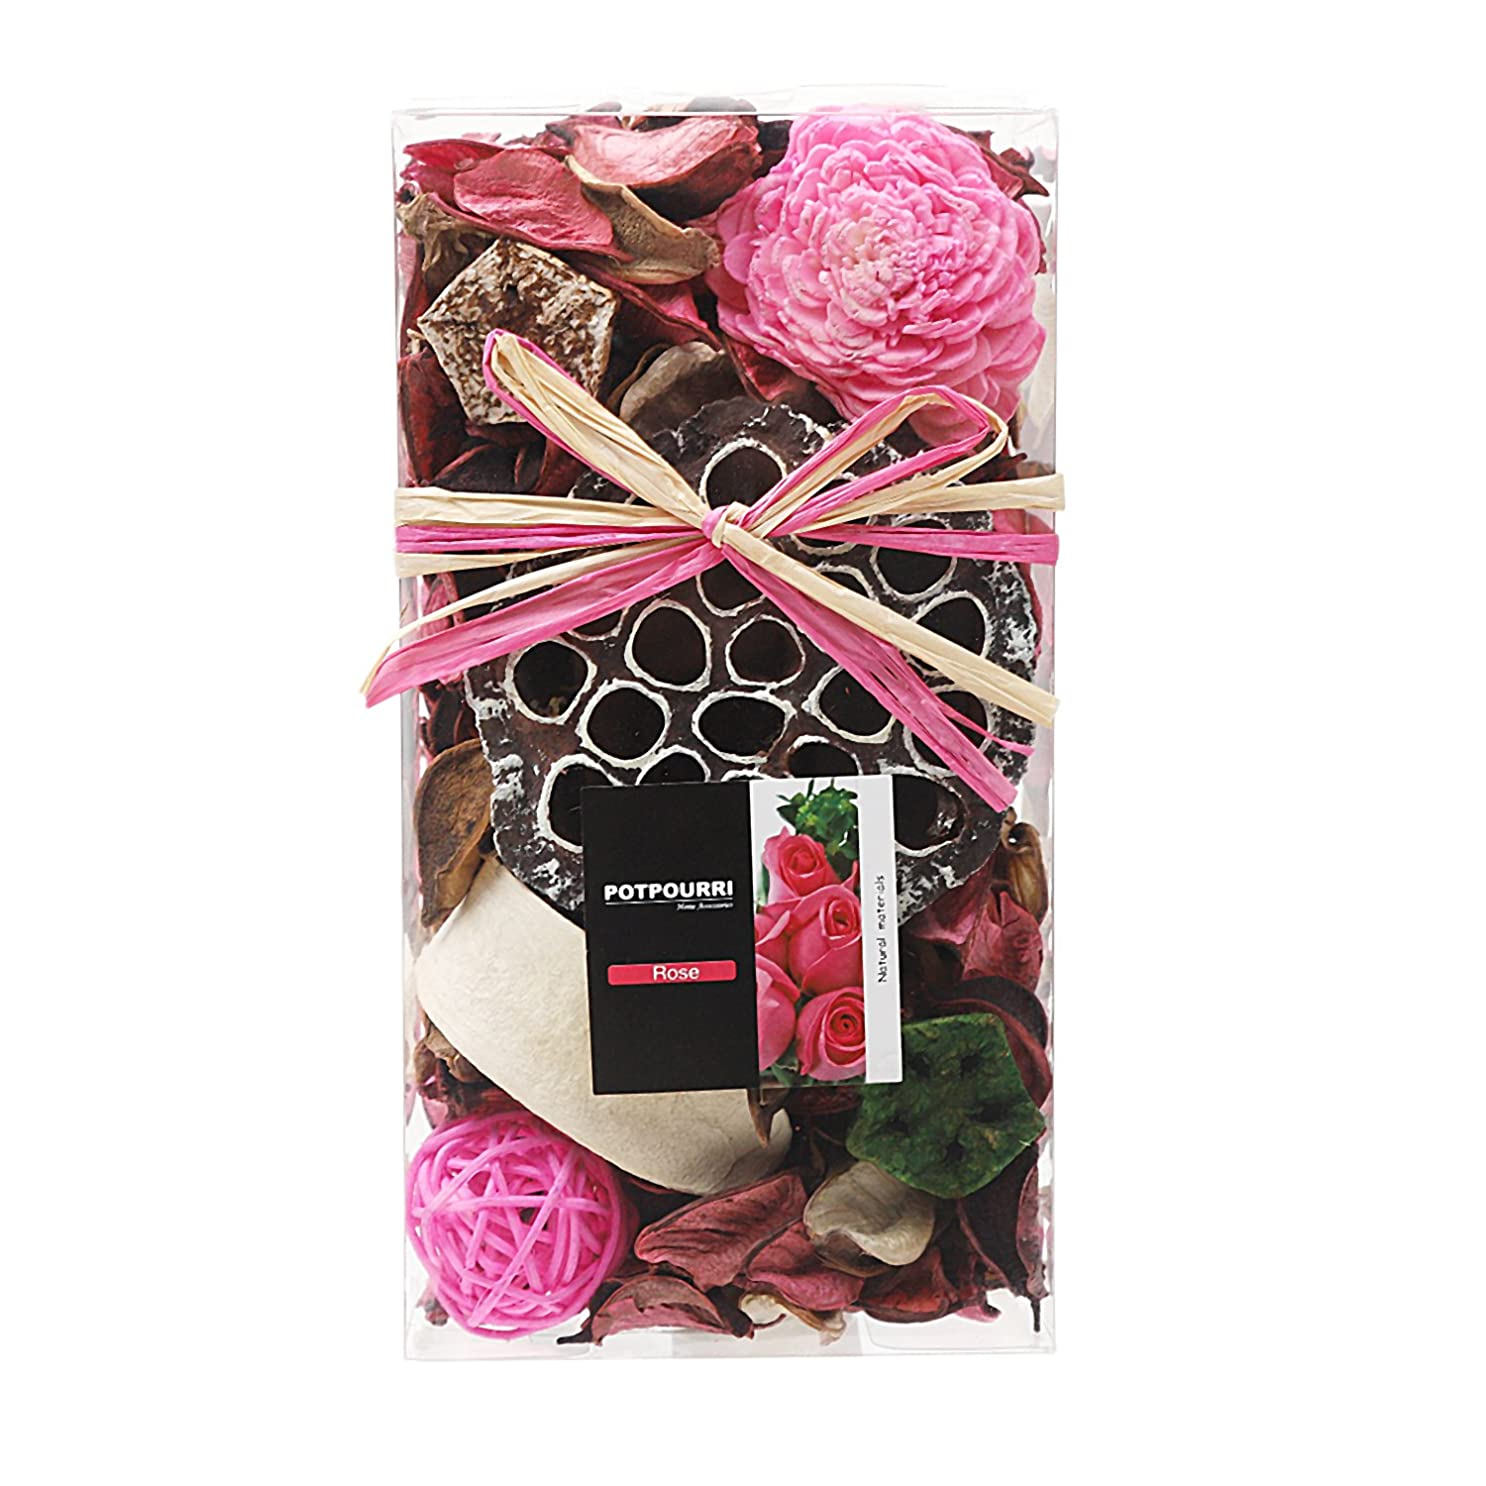 オーブンまぶしさ成功するQingbei Rina ポプリ ピンク 200g バラのポプリ ギフト 手作りの自然素材